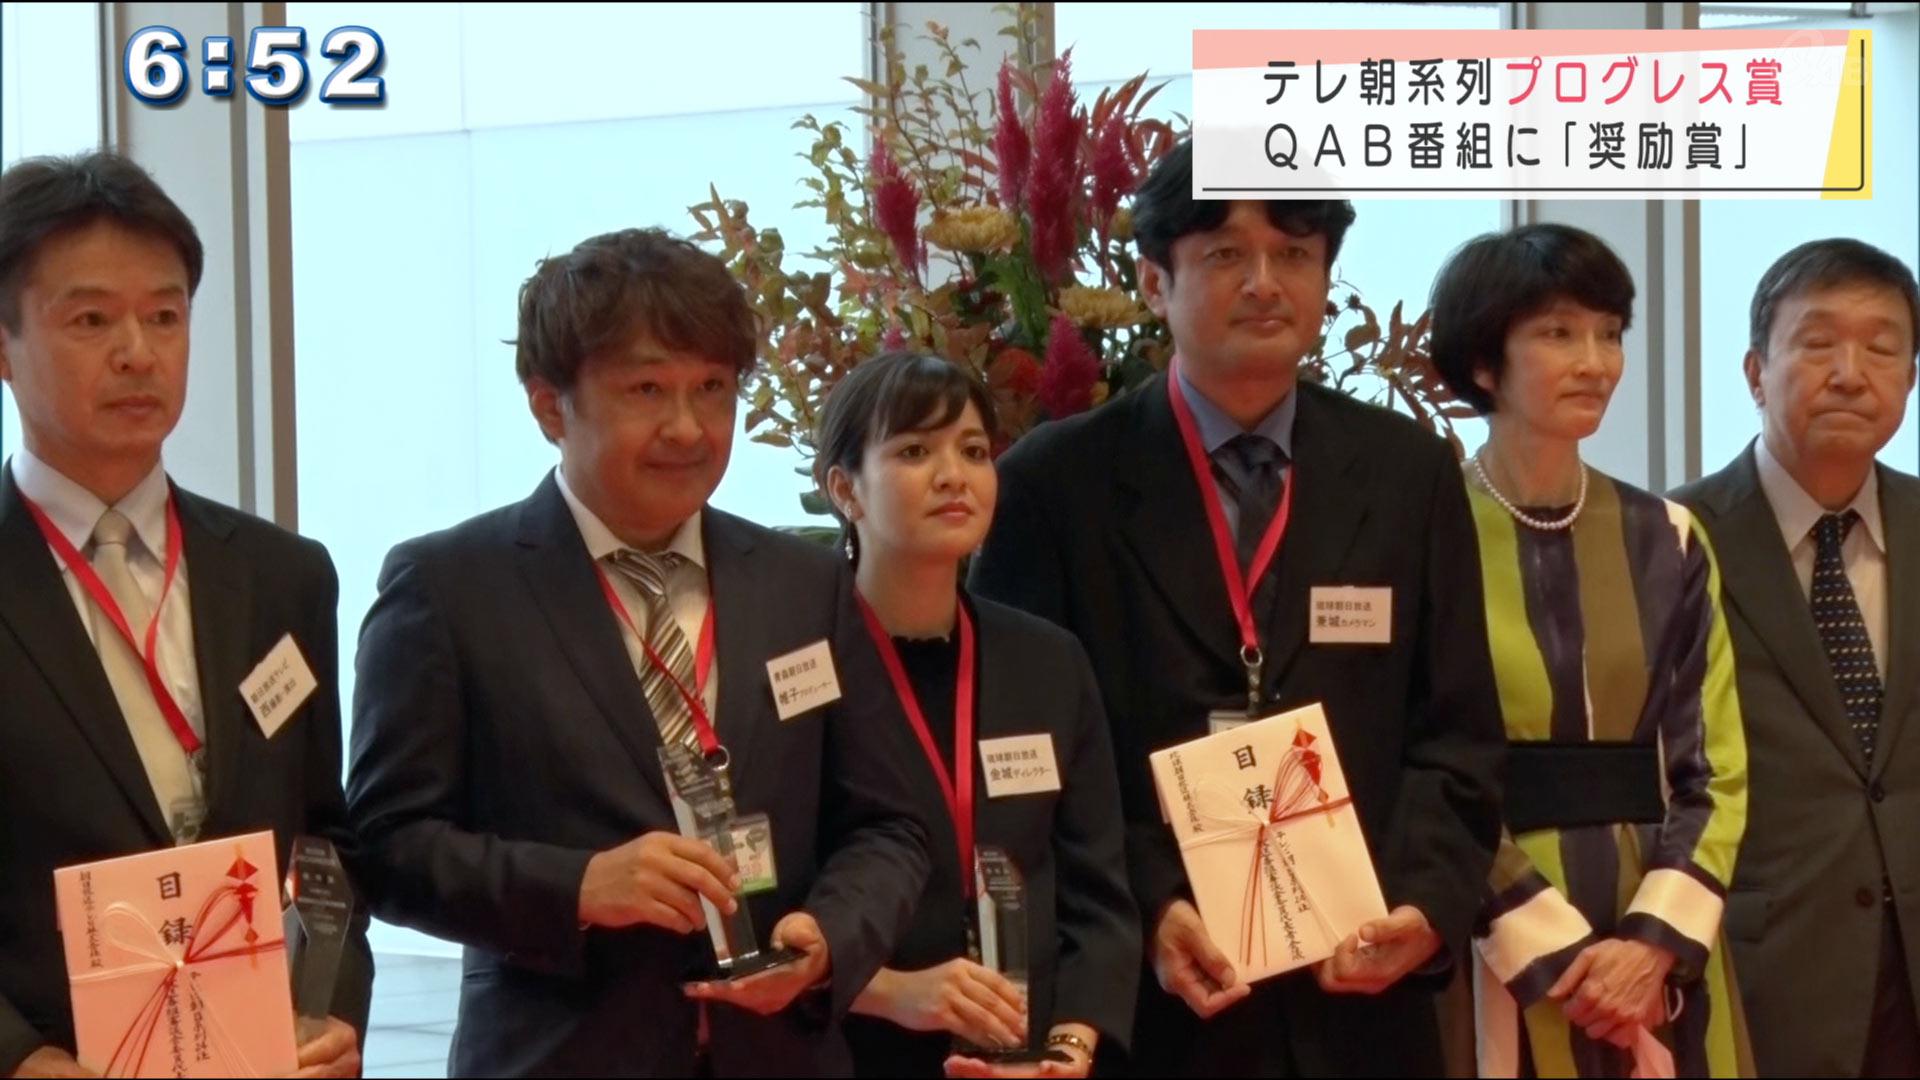 「くとぅばどぅ宝」プログレス賞奨励賞を受賞